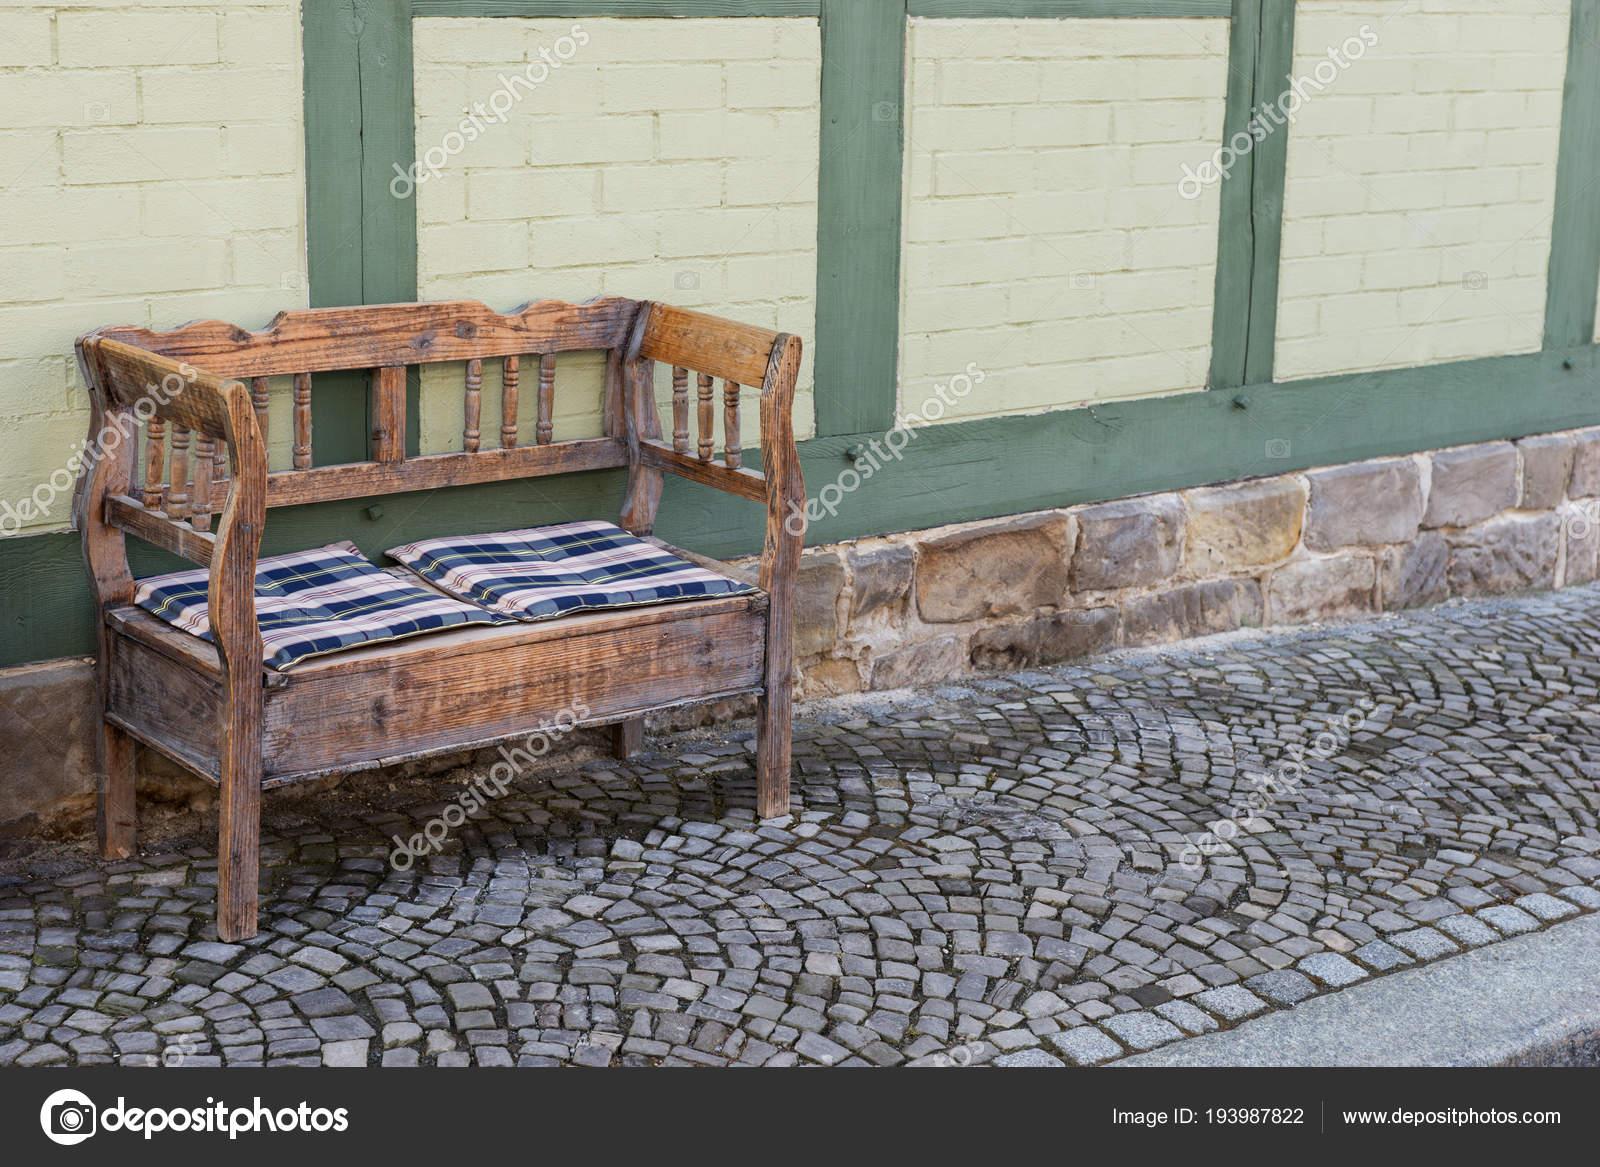 Ancien Petit Banc Bois Sur Trottoir Face Maison Photographie